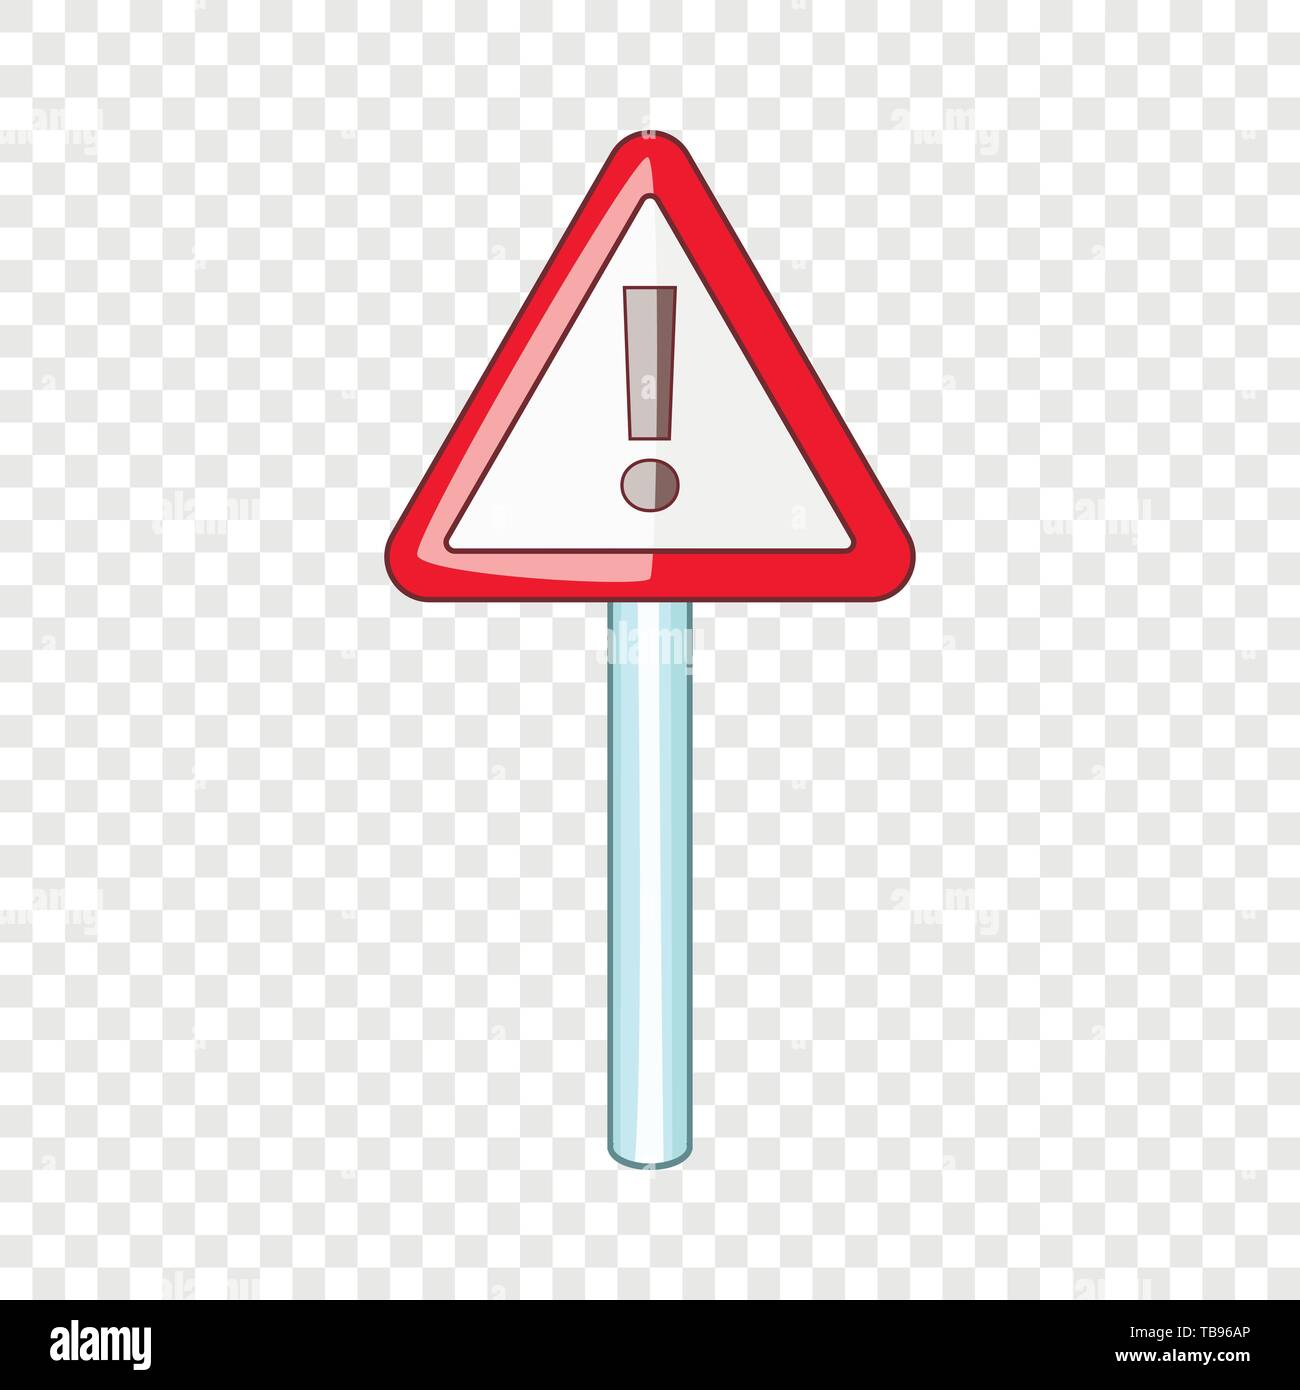 Warning sign icon, cartoon style - Stock Image